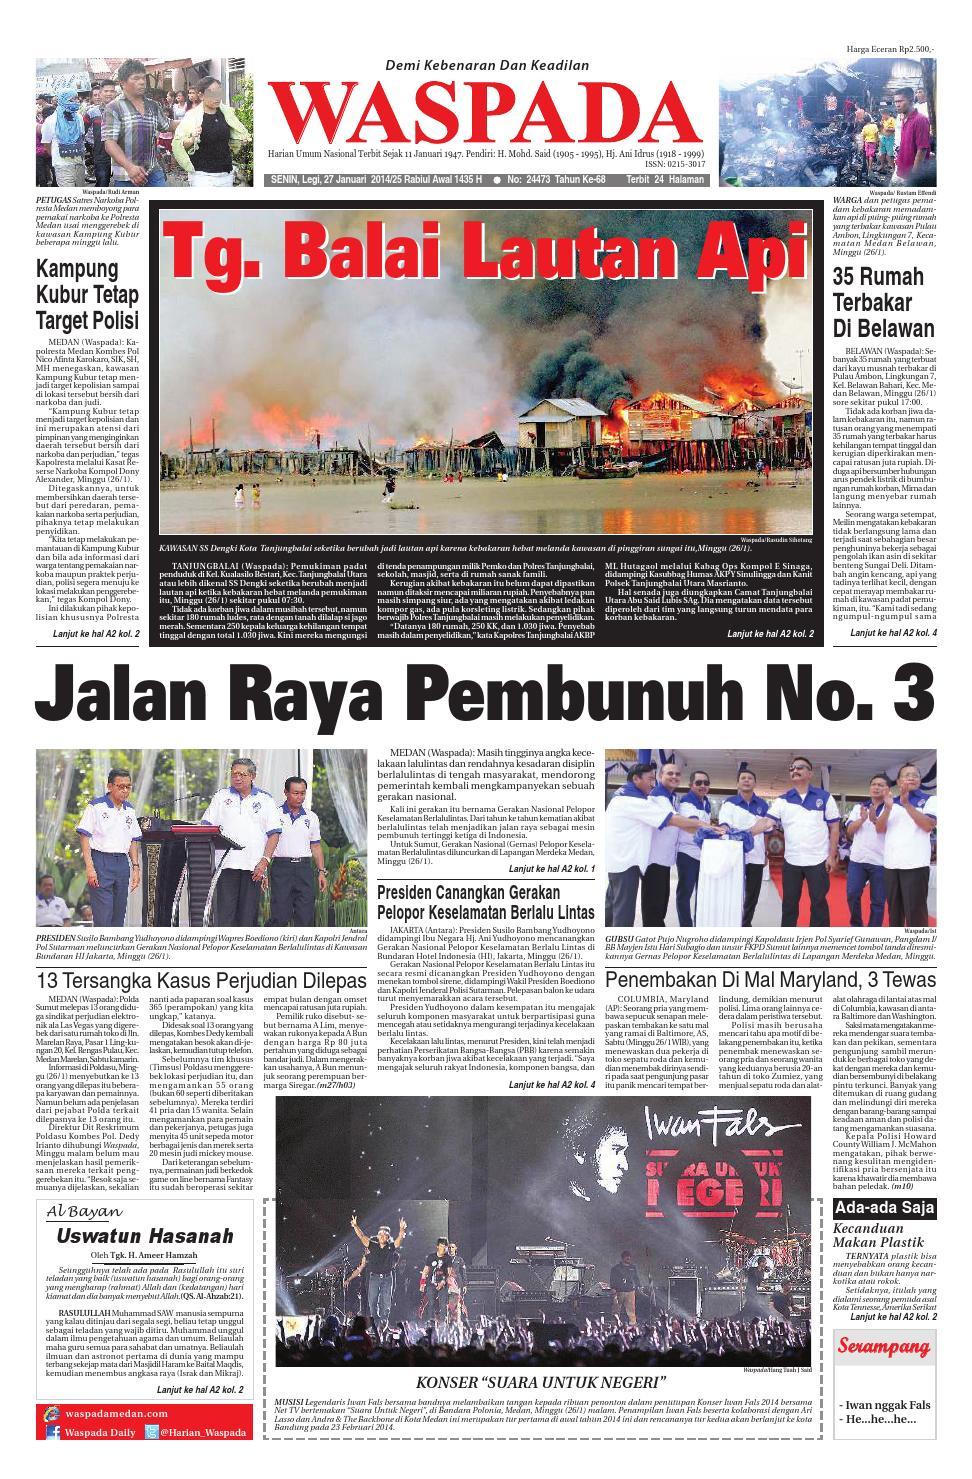 Waspada Senin 27 Januari 2014 By Harian Waspada Issuu